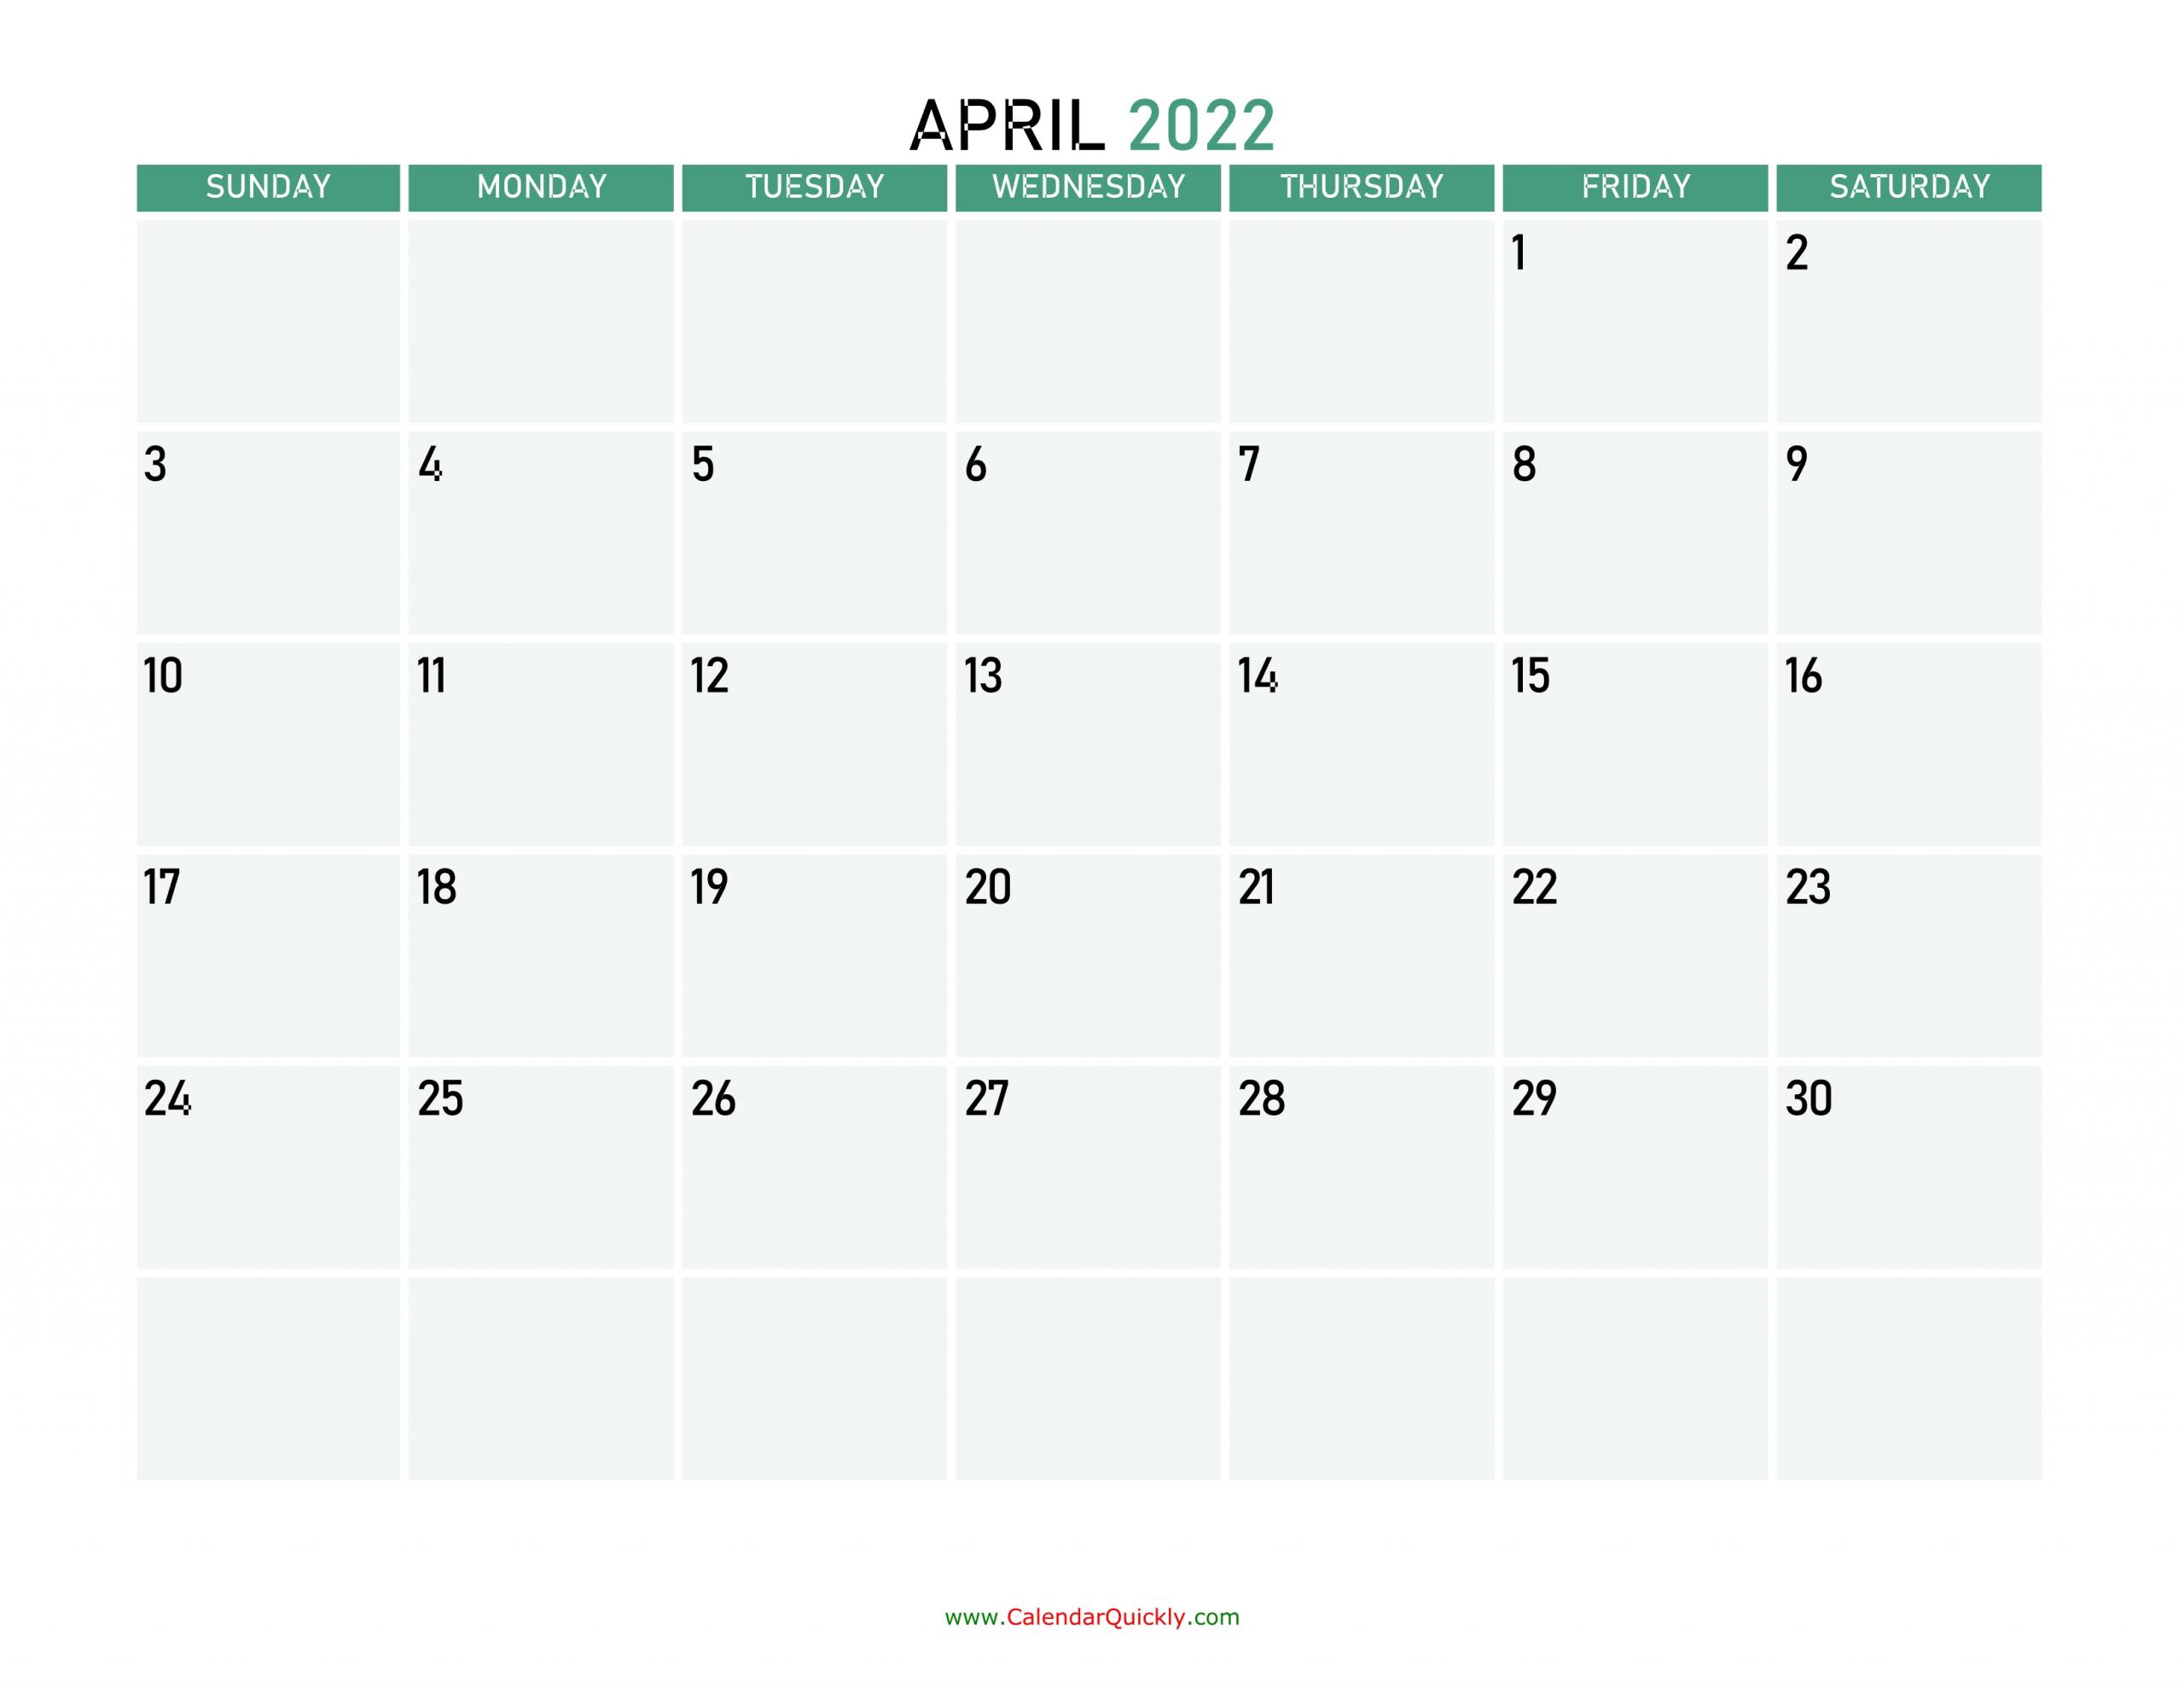 April 2022 Calendars | Calendar Quickly